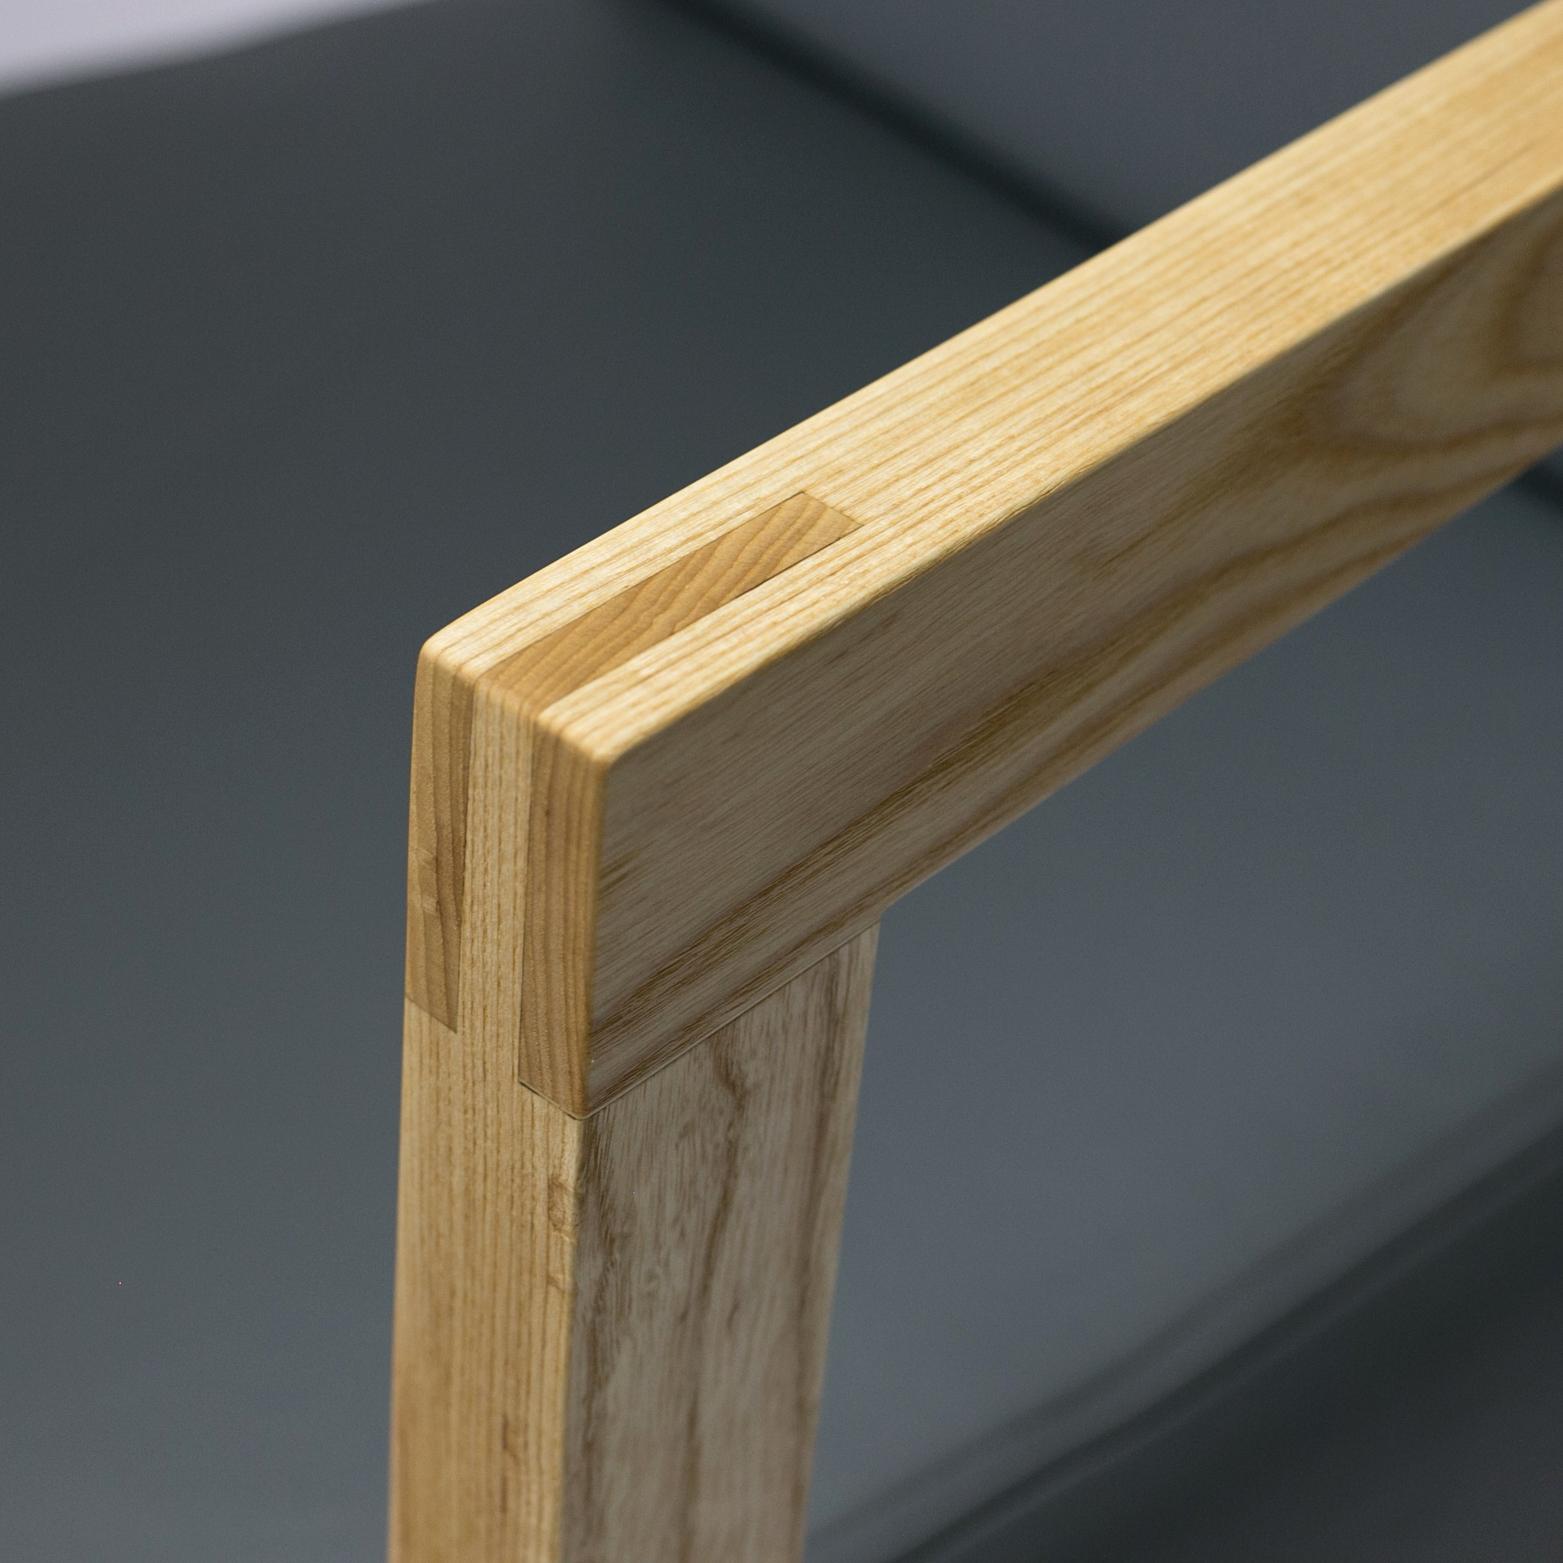 chair 222 - arm detail